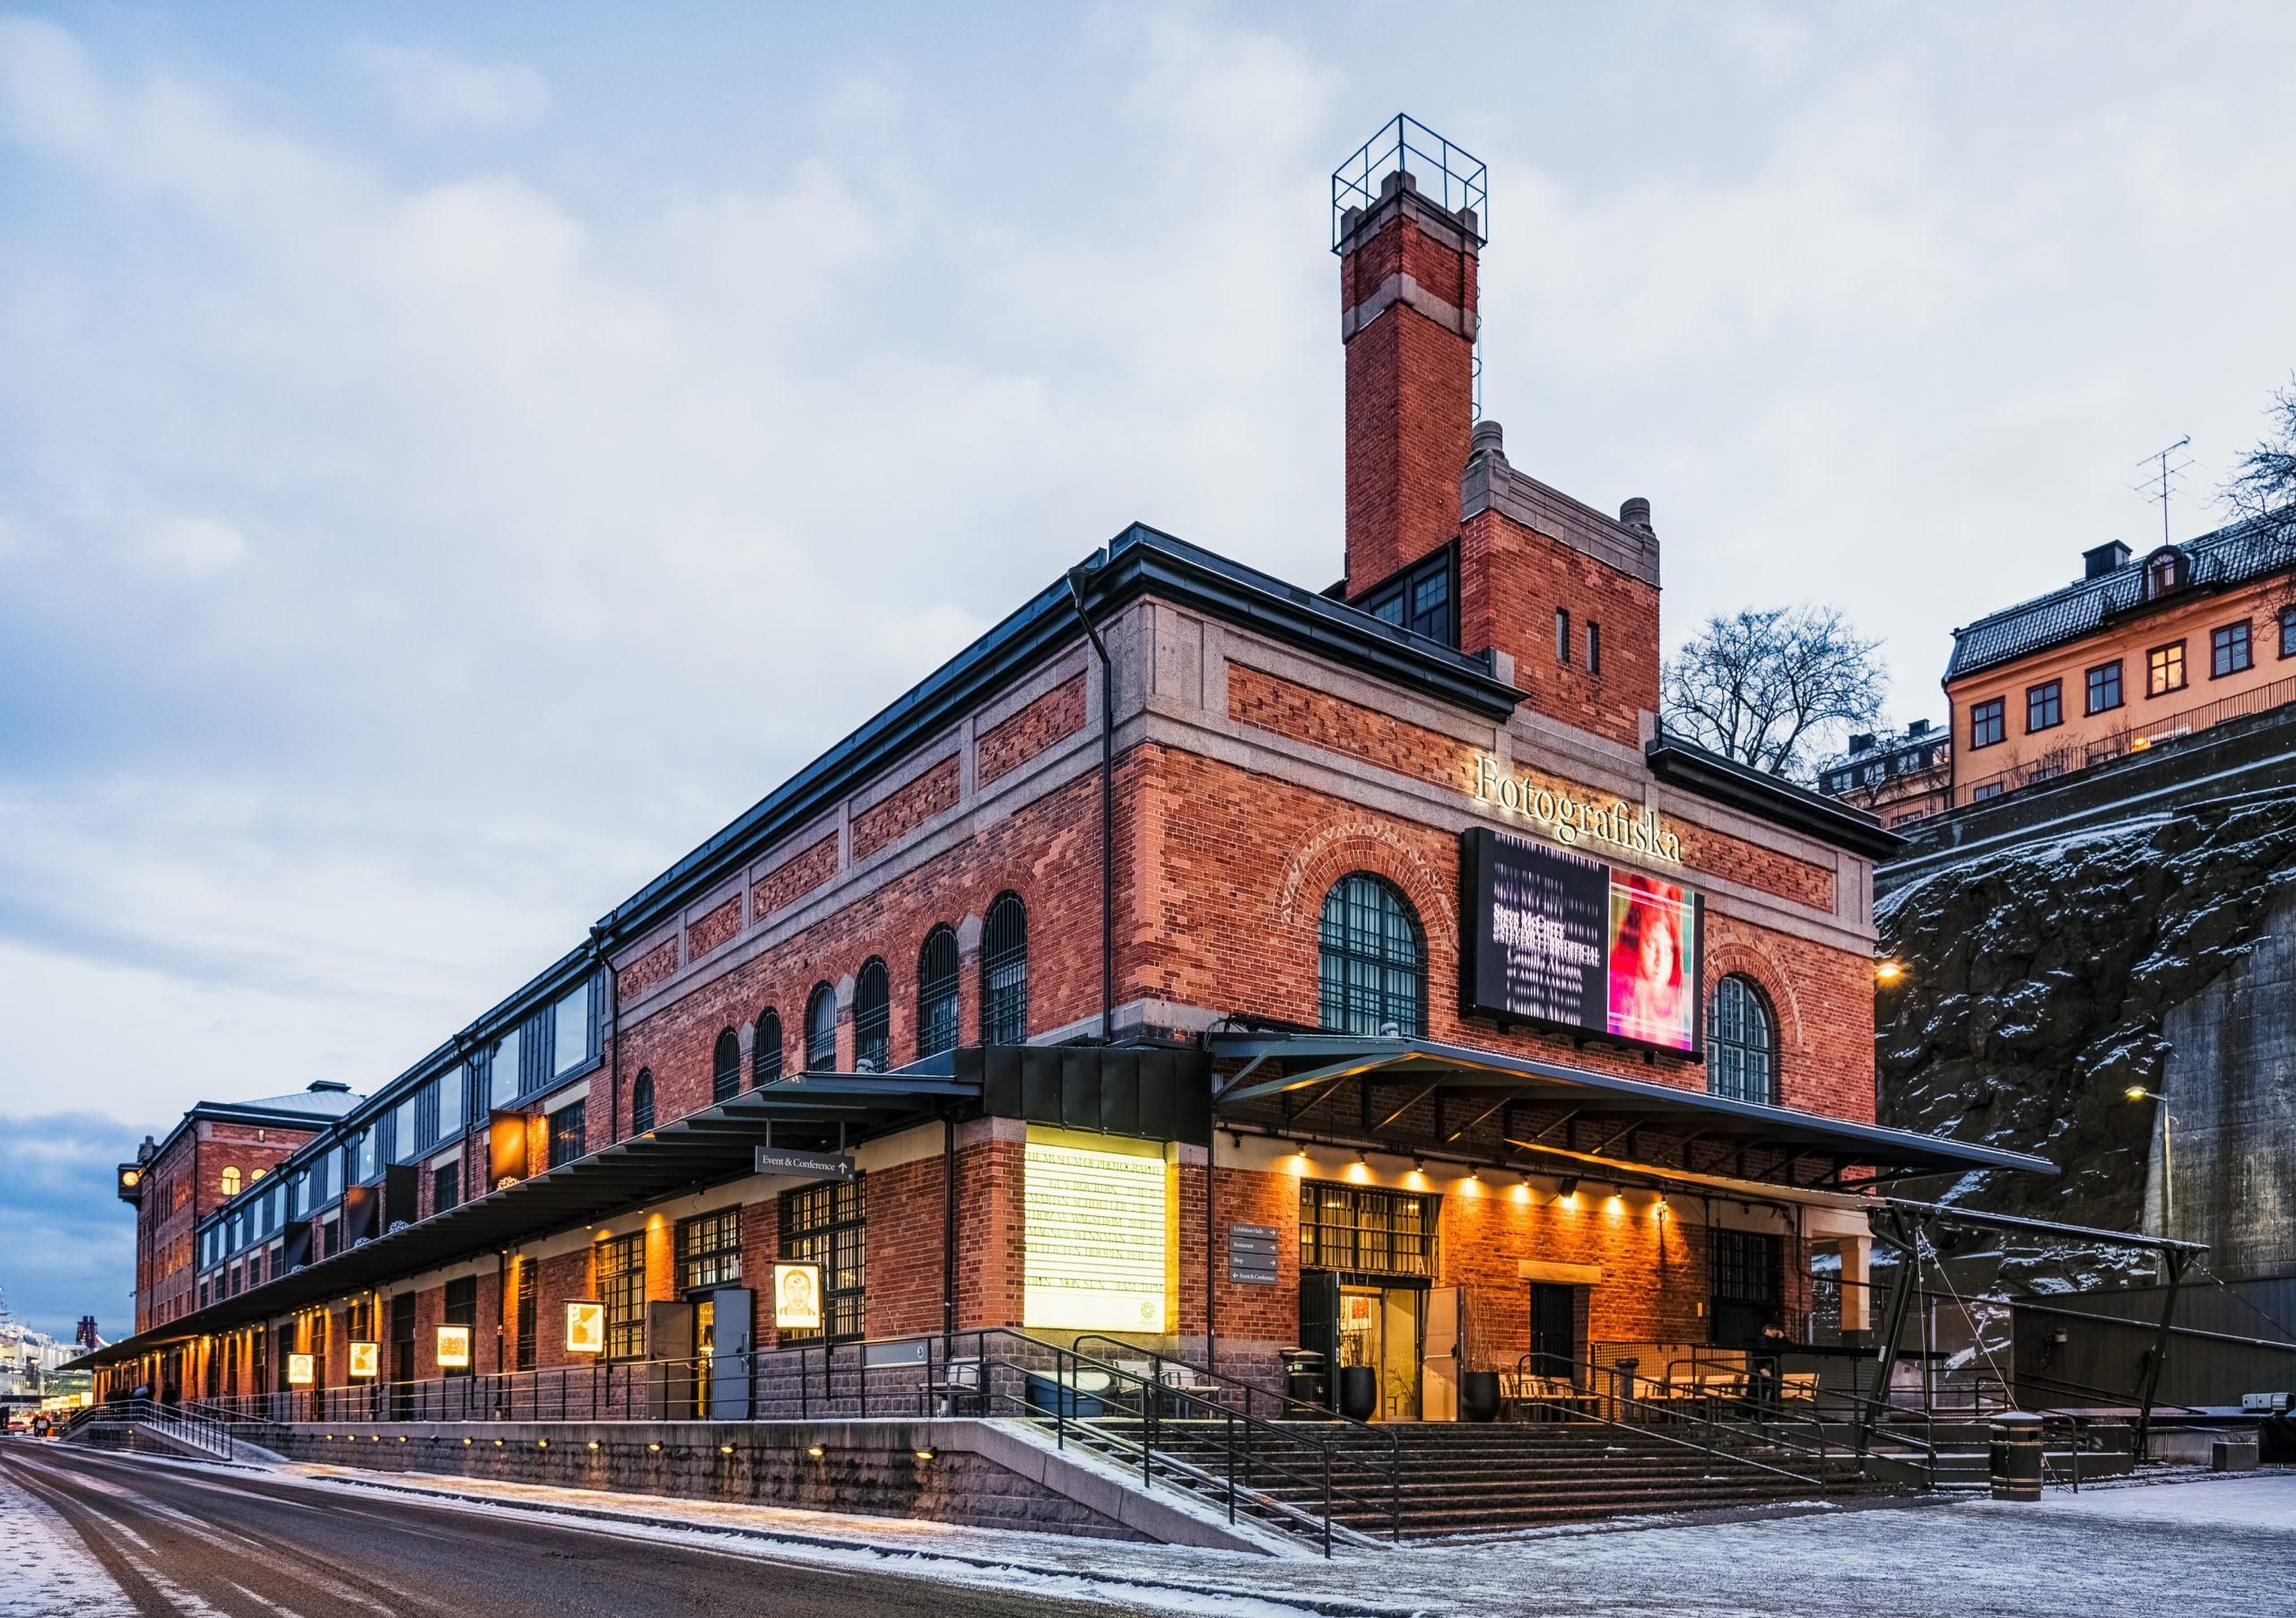 Fotografiska Museum - Place to Visit in Sweden